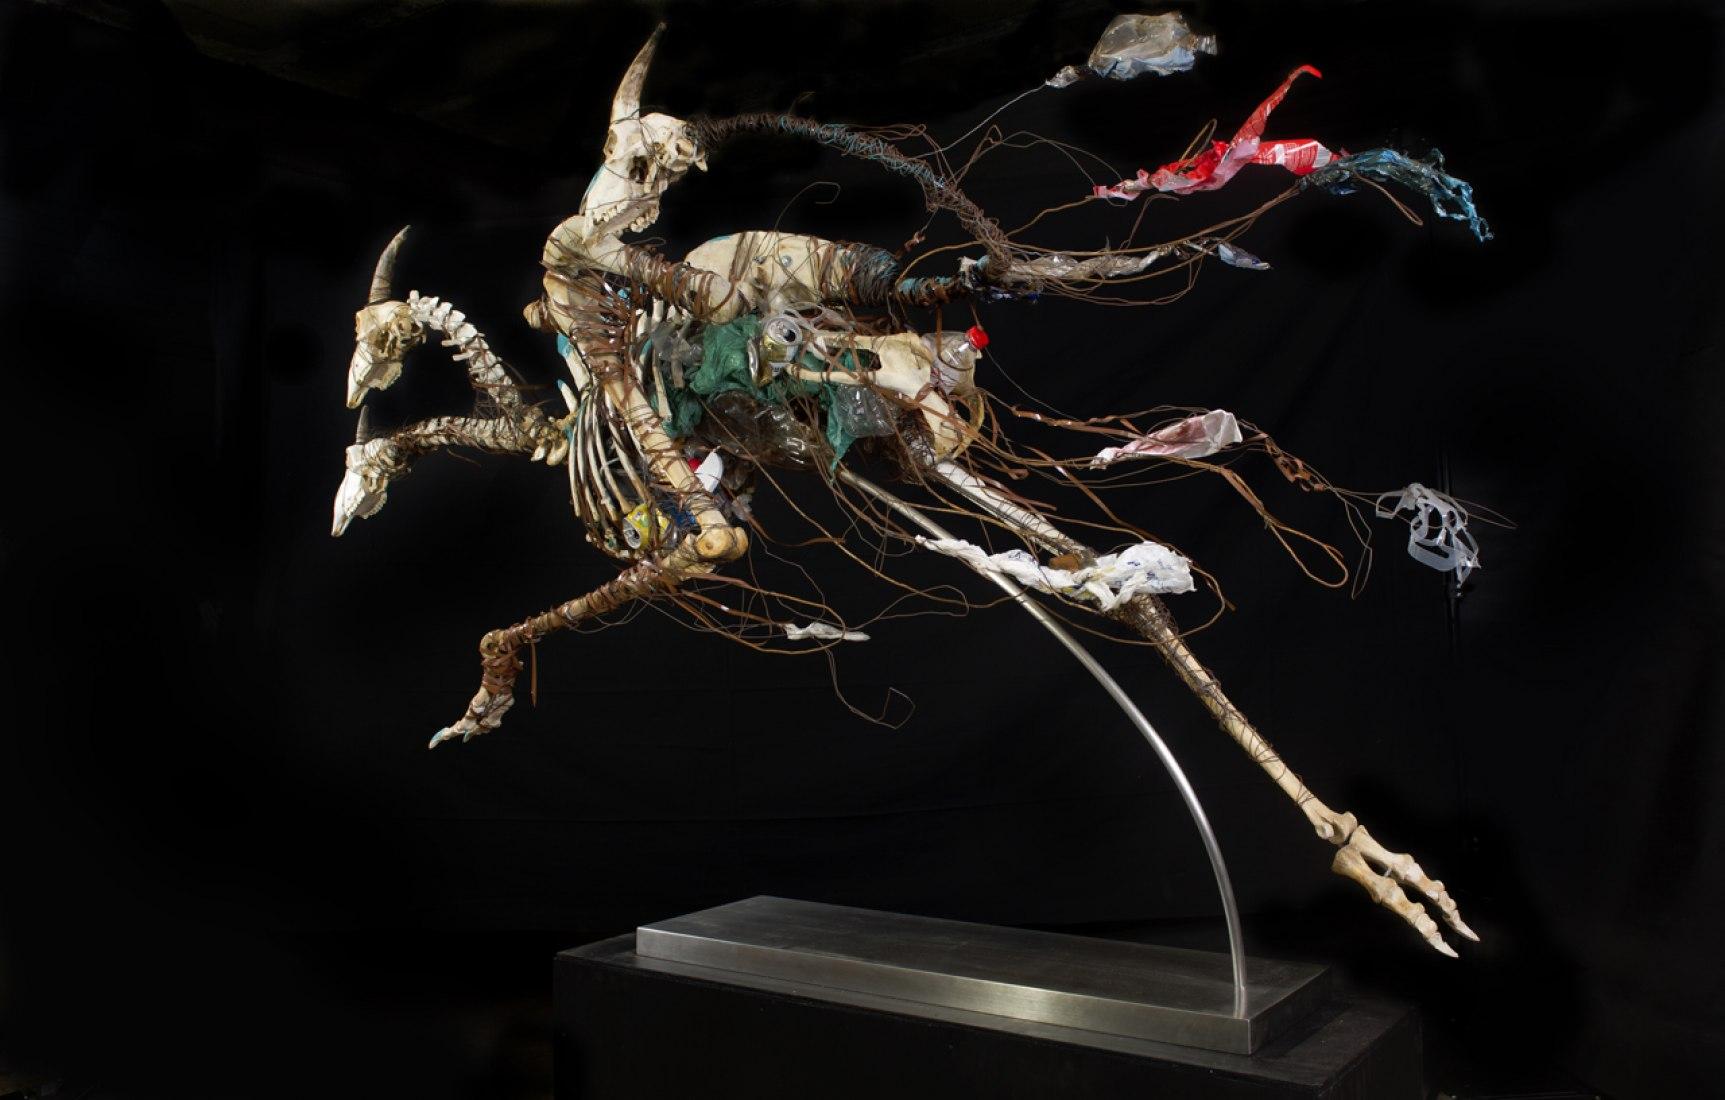 """Corredor de tres cabezas (2011). Ser de 3 cabezas que mide 2,5m x 2m. Cráneos de oveja, tronco de cerdo, patas y caderas de avestruz, alambre, basura y pedestal. Exposición """"Vida Tóxica. Somos naturaleza en evolución tóxica"""". Fotografía © Carlos Bellvehí."""